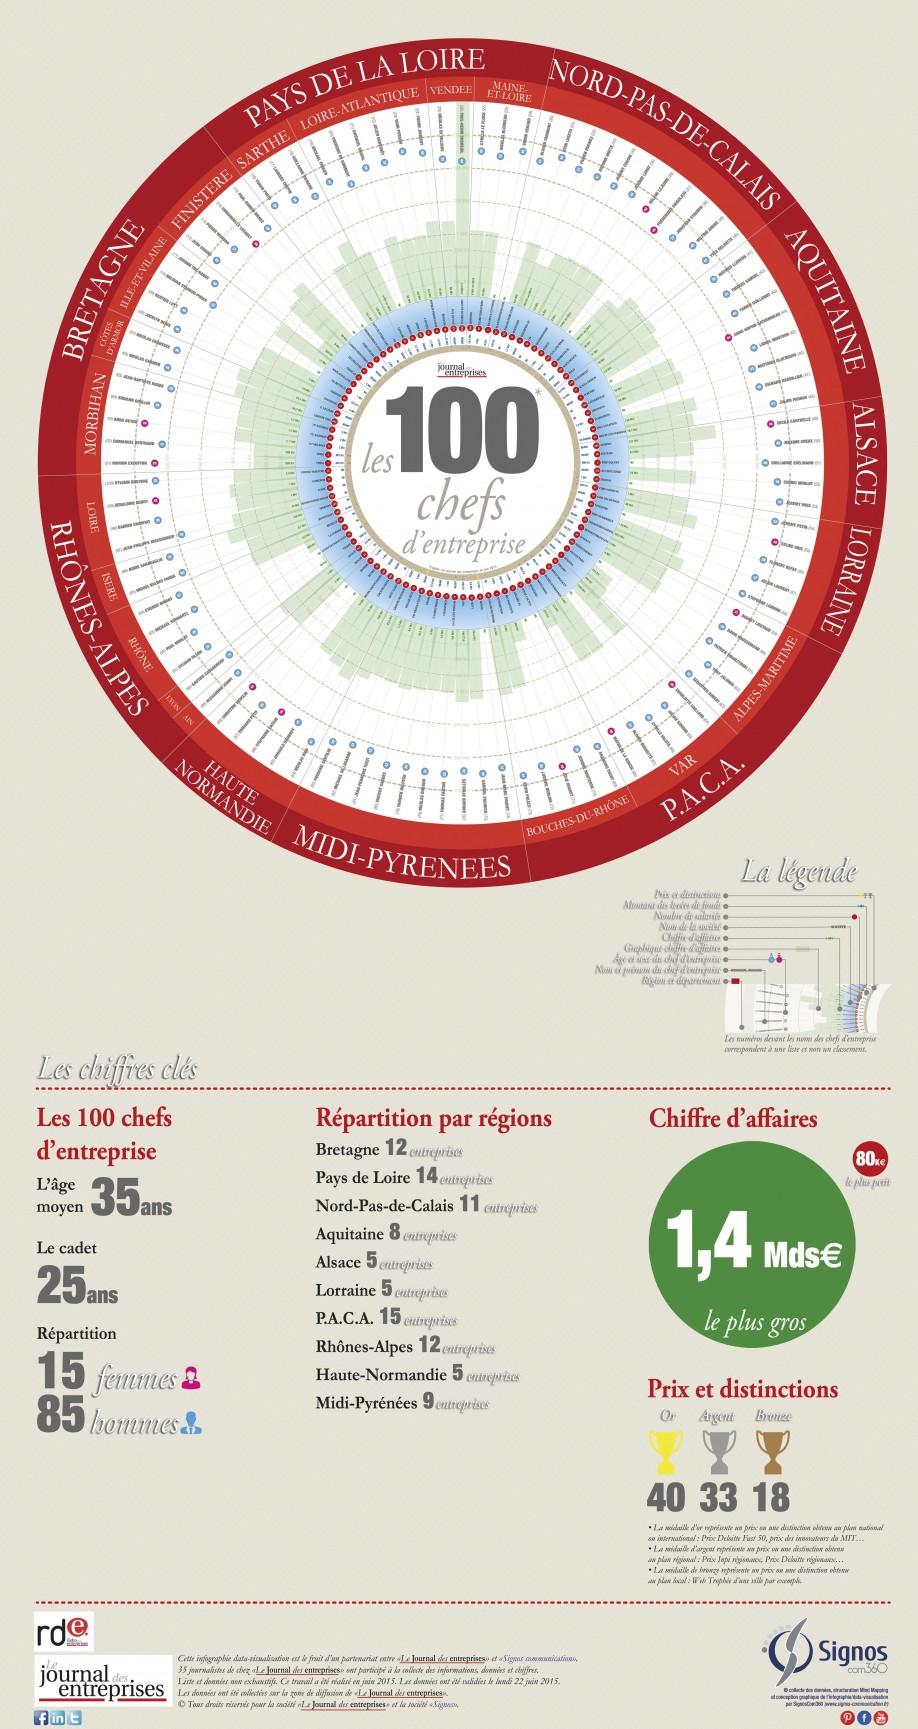 © www.signos-communication.fr département communication de la société Signos - agence de communication pédagogique